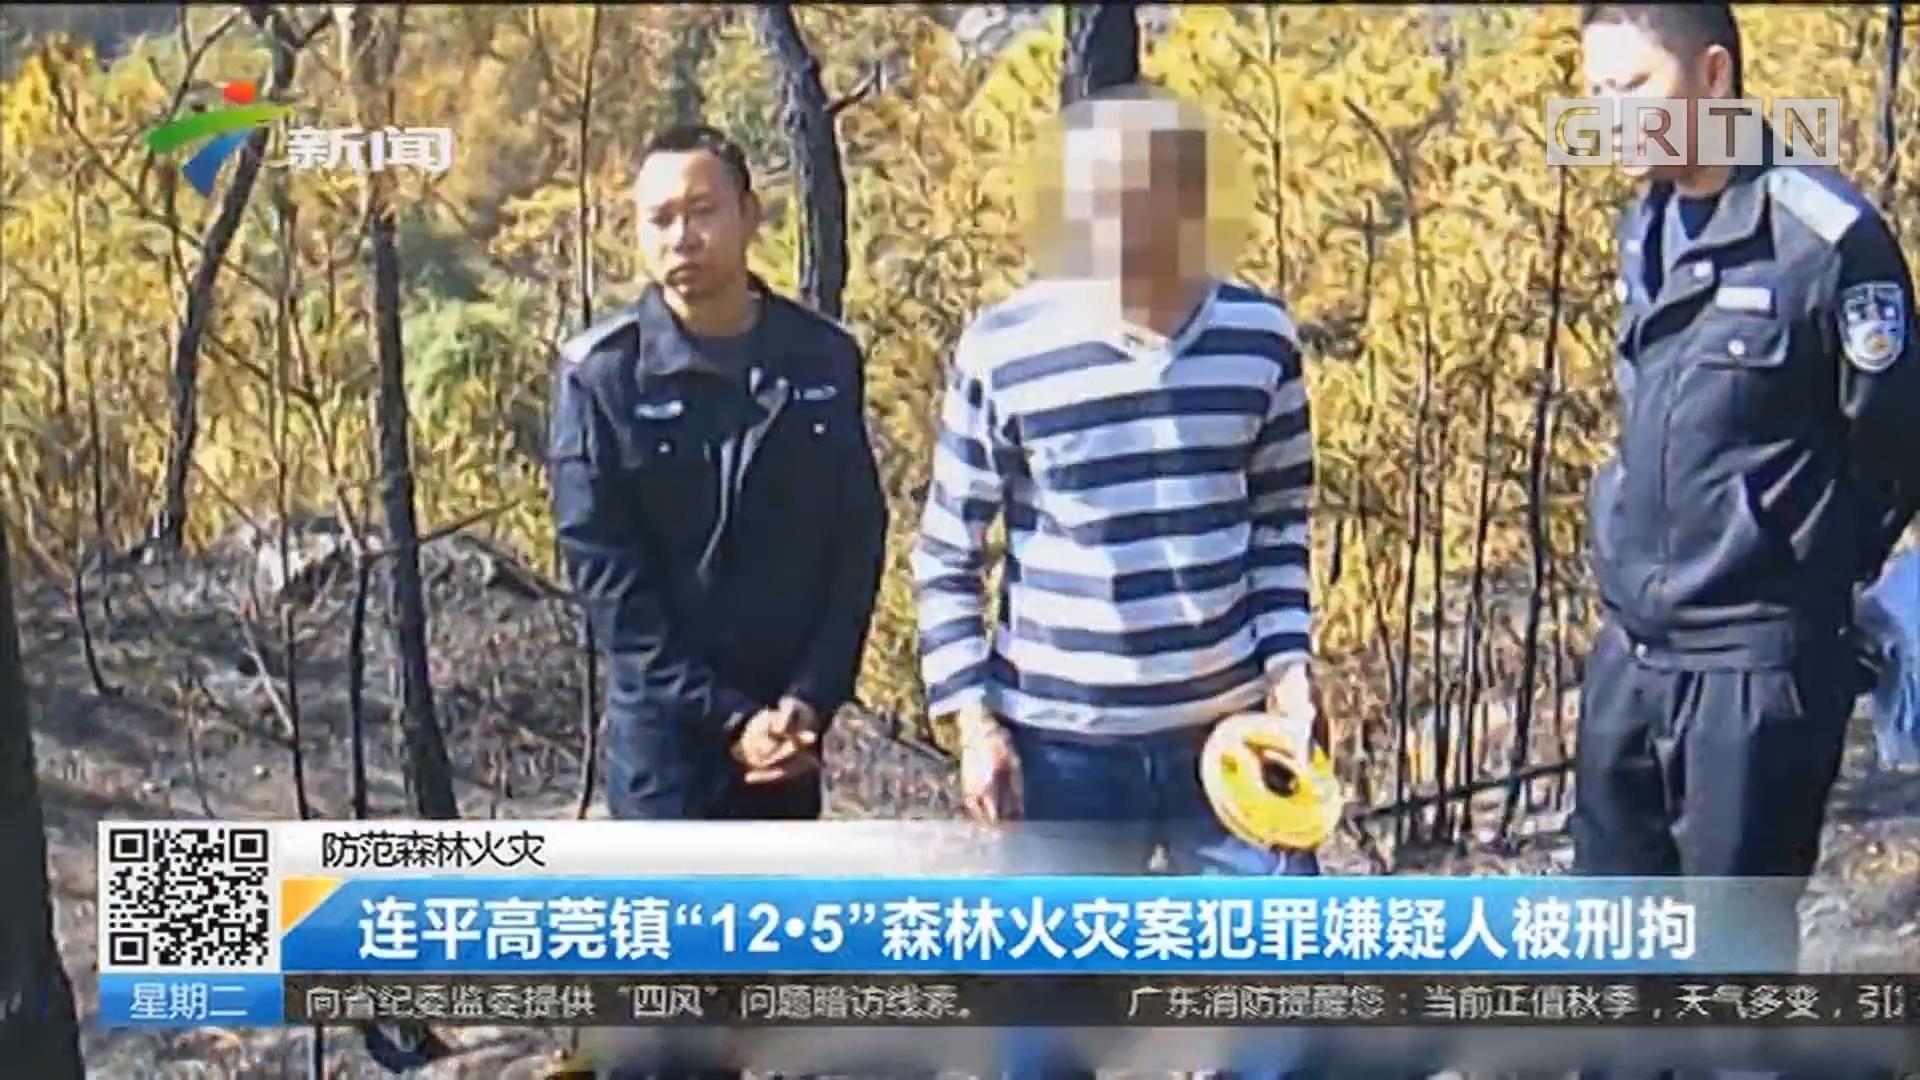 """防范森林火灾:连平高莞镇""""12·5""""森林火灾案犯罪嫌疑人被刑拘"""